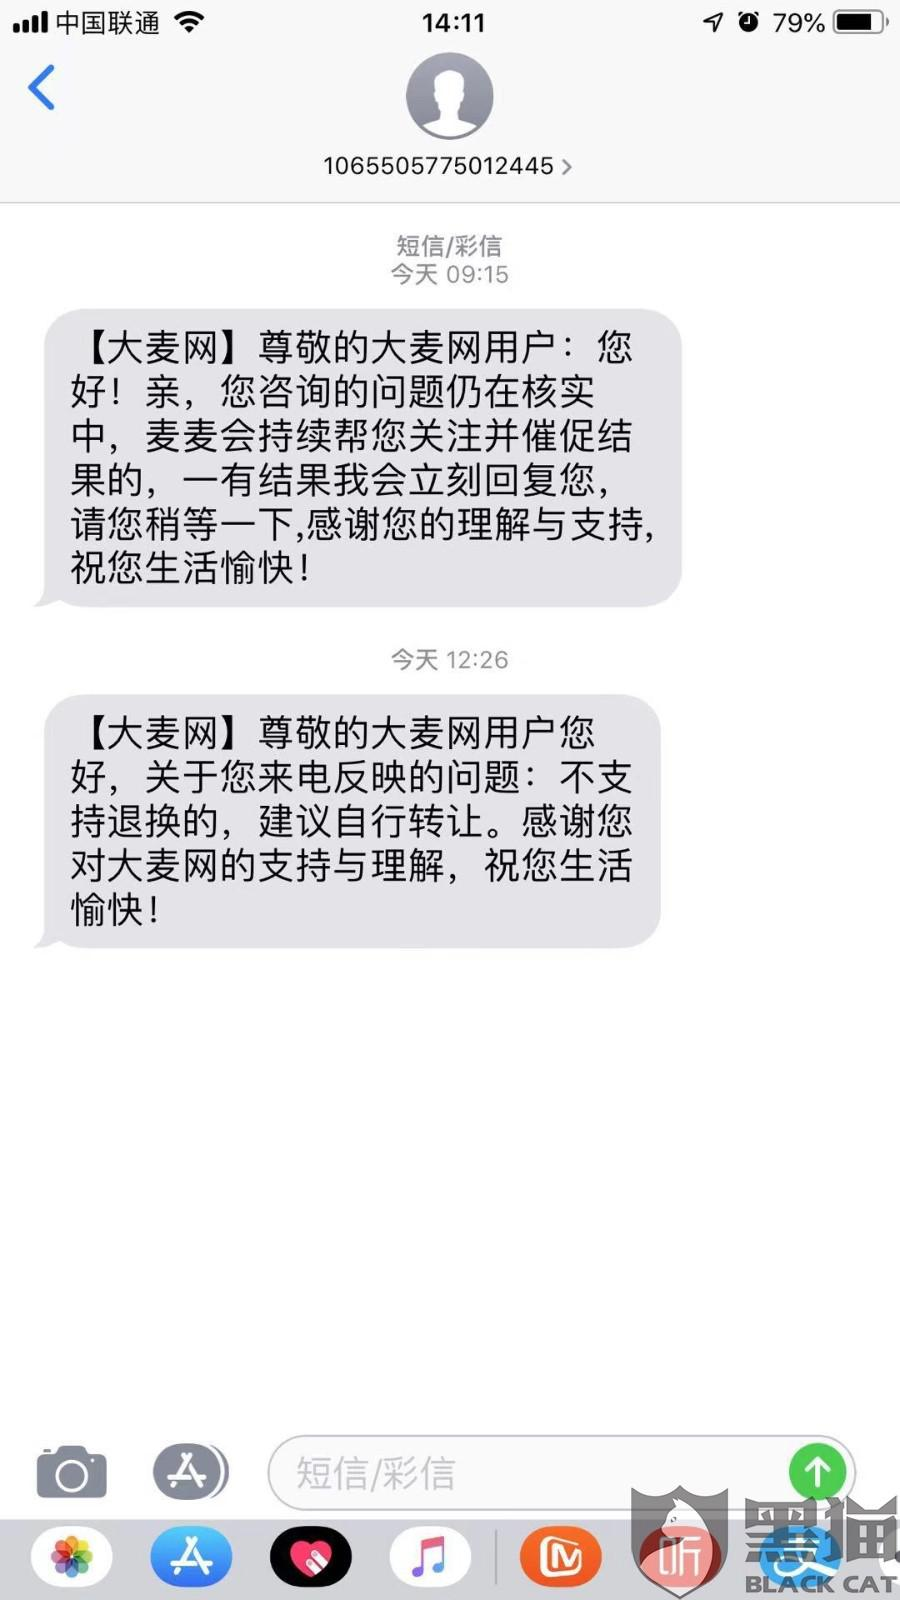 黑猫投诉:北京红马传媒文化发展有限公司不同意退款